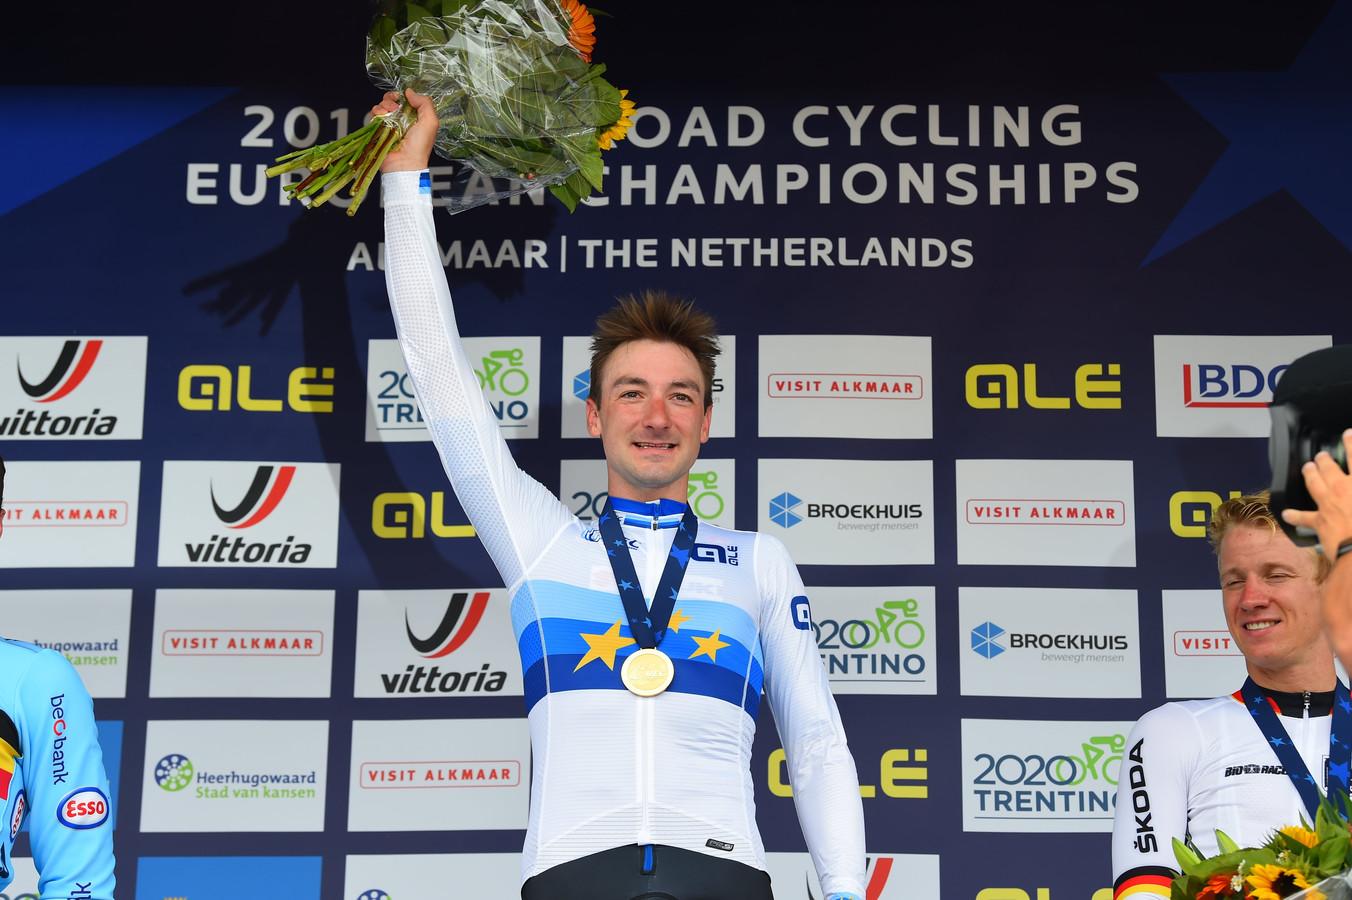 L'Italien Elia Viviani avait remporté l'épreuve en ligne du championnat d'Europe sur route en 2019 à Alkmaar.